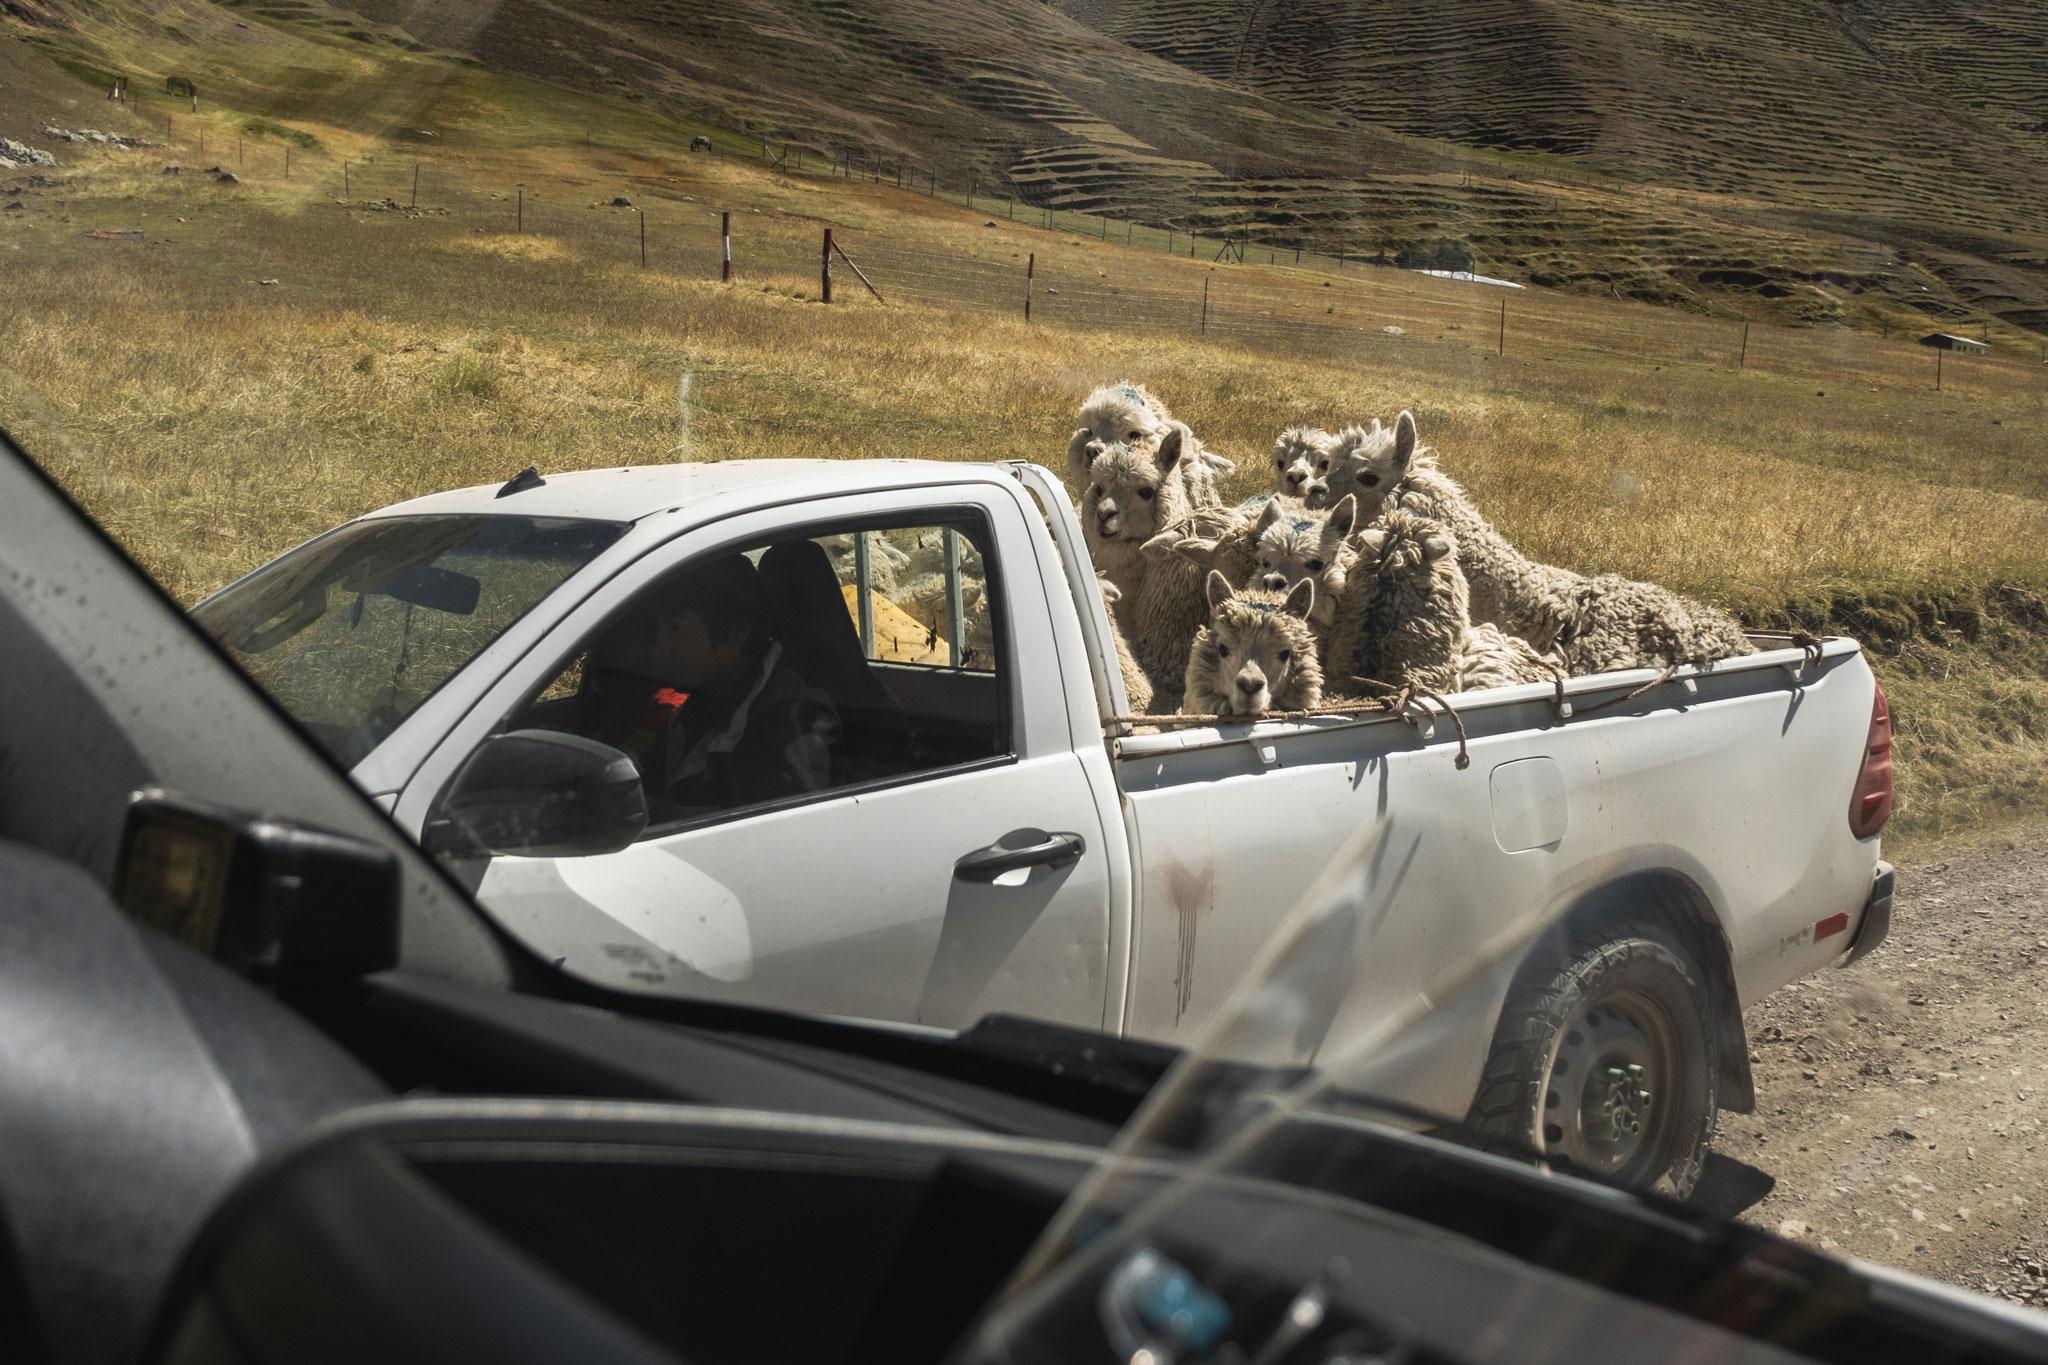 alpacas-in-a-truck-peru